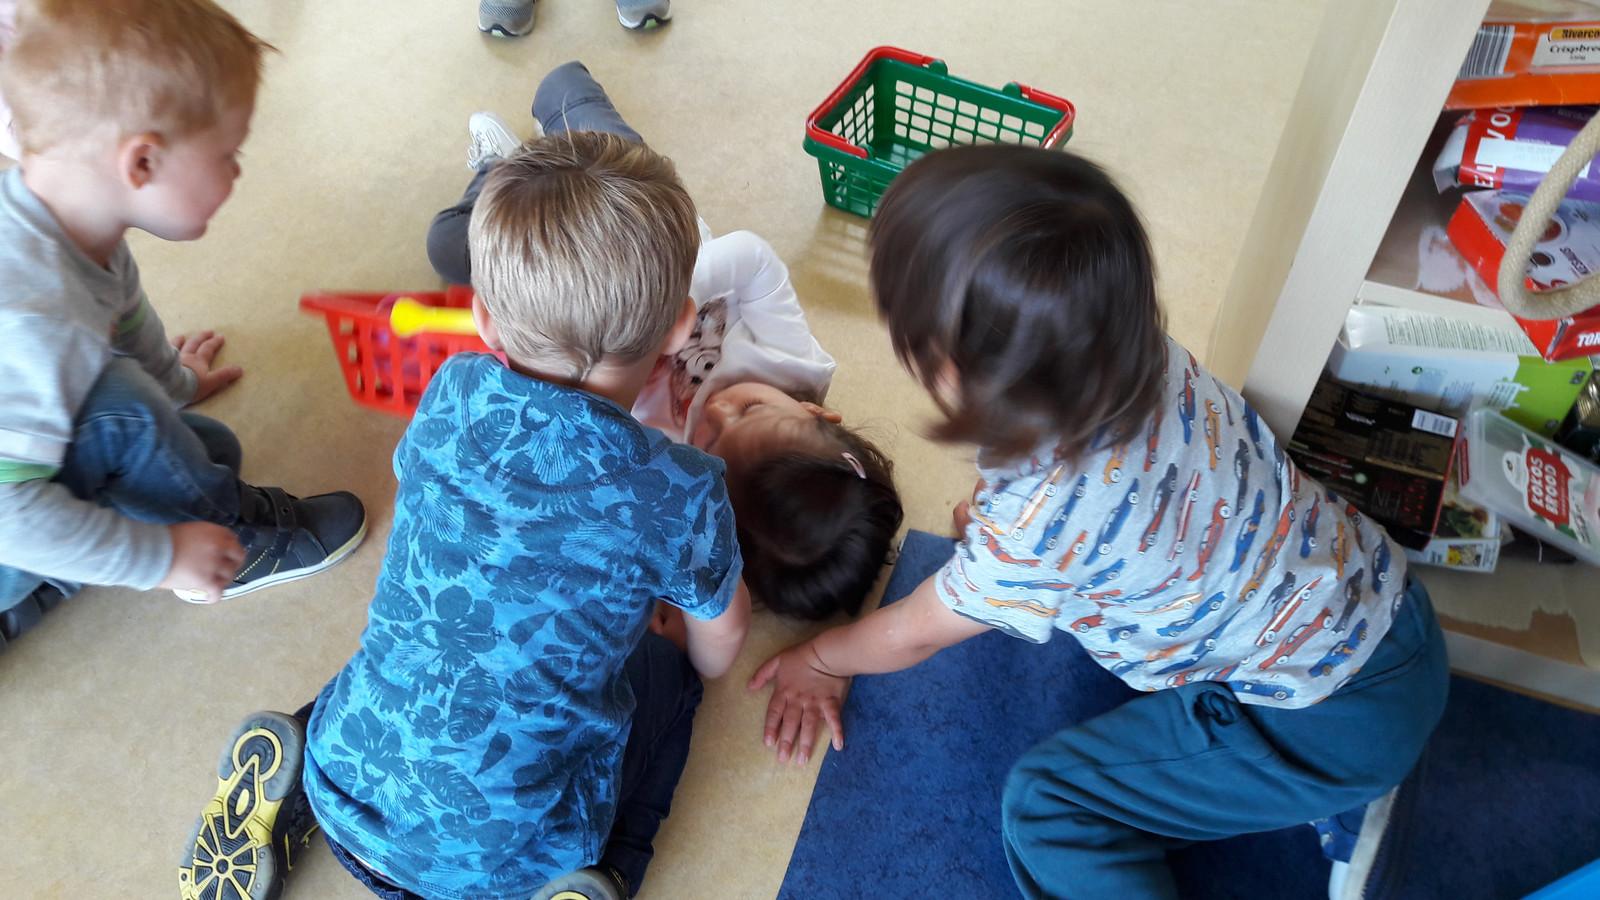 Eerst verzamelen zich drie oudere jongens rond Sara. Dan voltrekt zich een klein wonder.